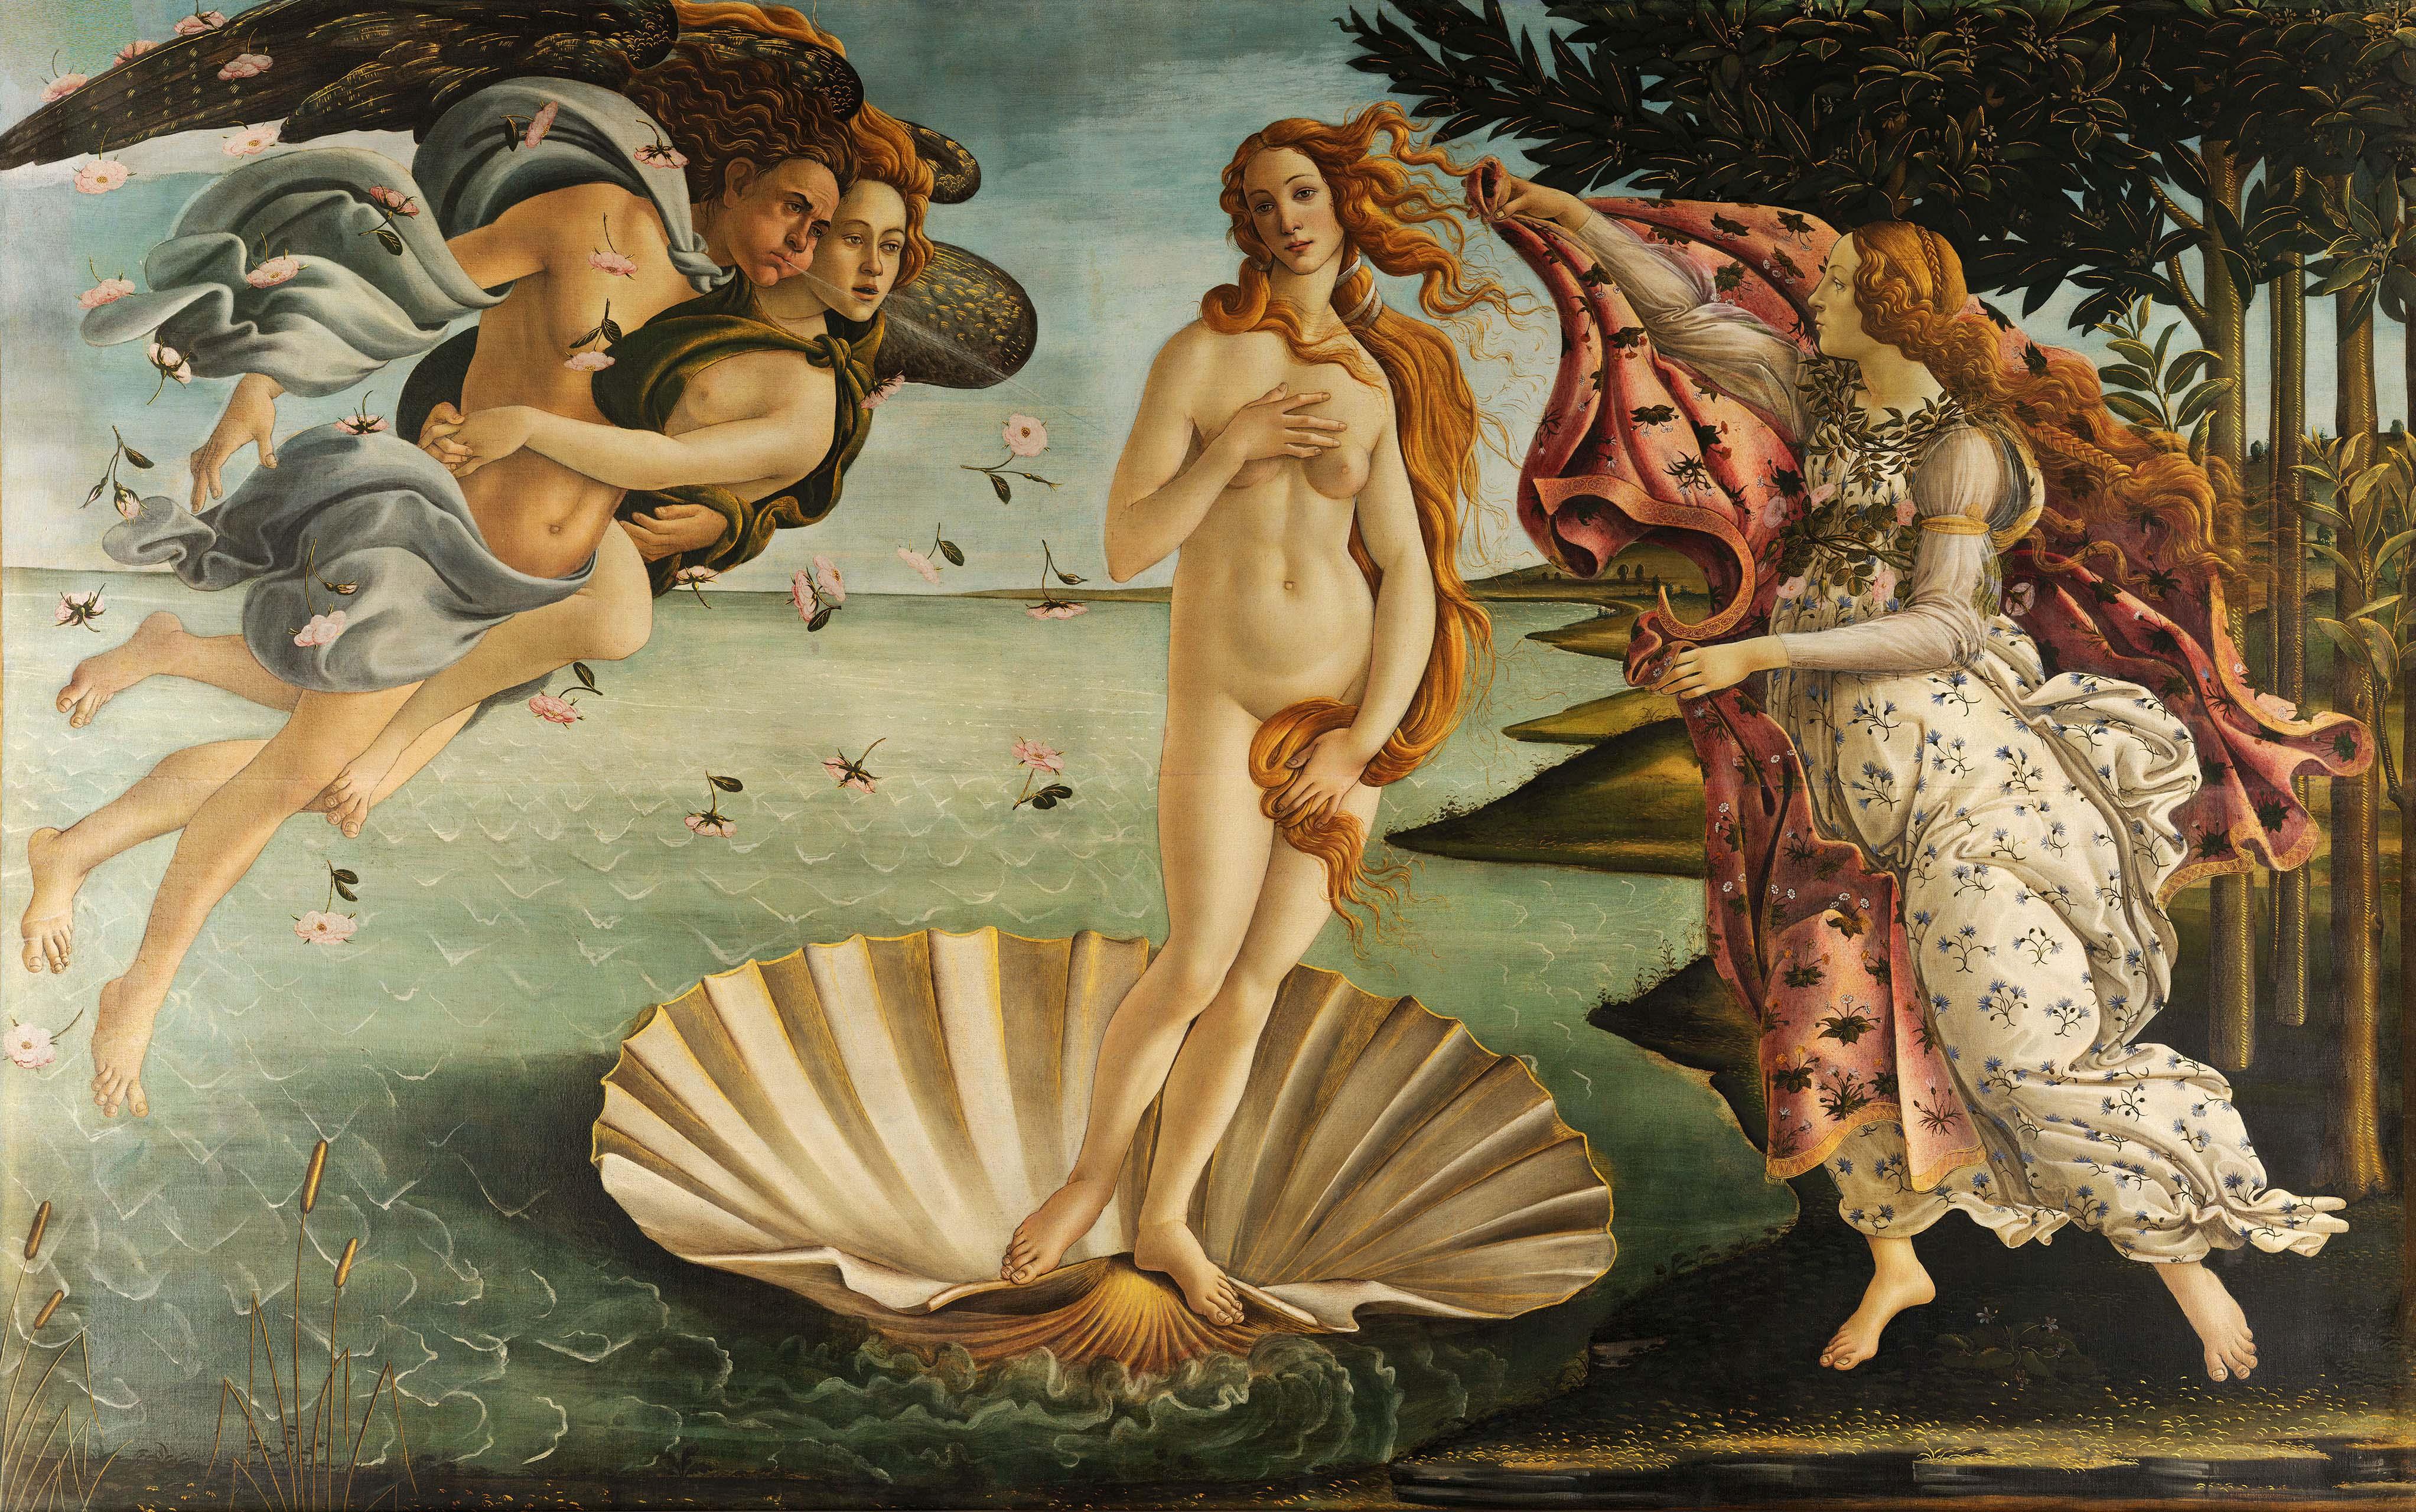 De Geboorte van Venus door Sandro Botticelli, ca. 1484-85